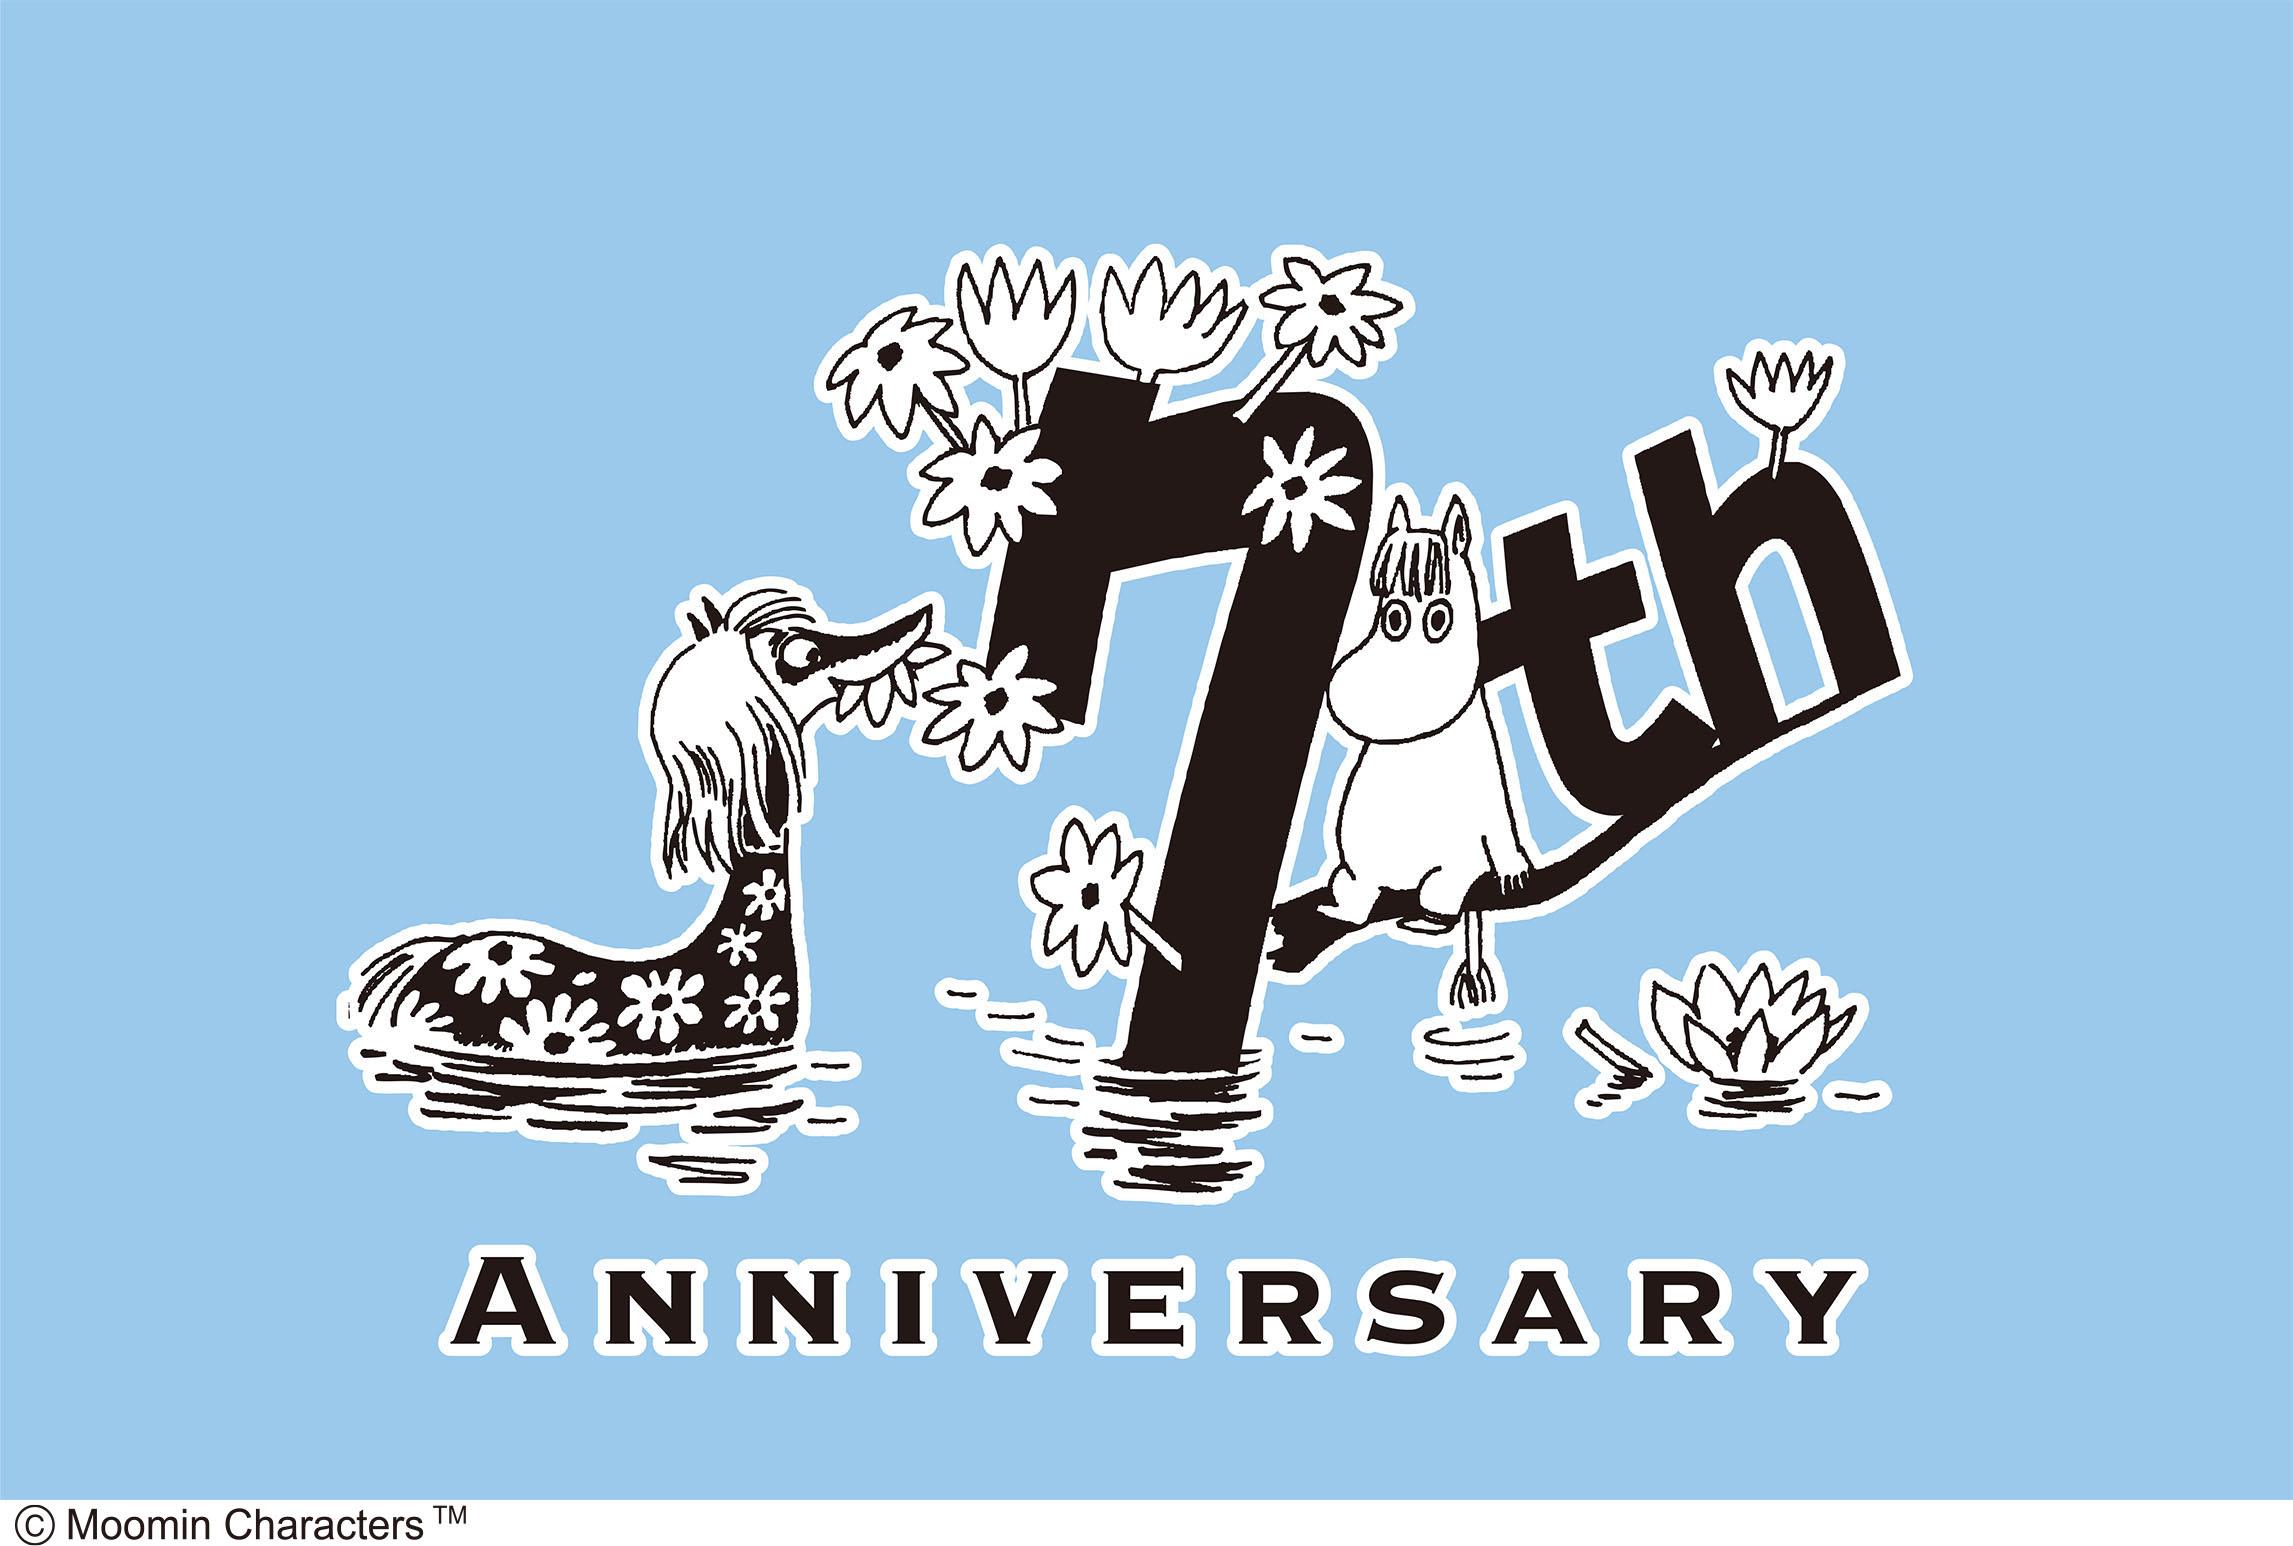 「ムーミンなくらし」を提案する「MOOMIN SHOP」名古屋ラシック店のオープン7周年を記念して2021年3月5日(金)からアニバーサリーフェアを開催!